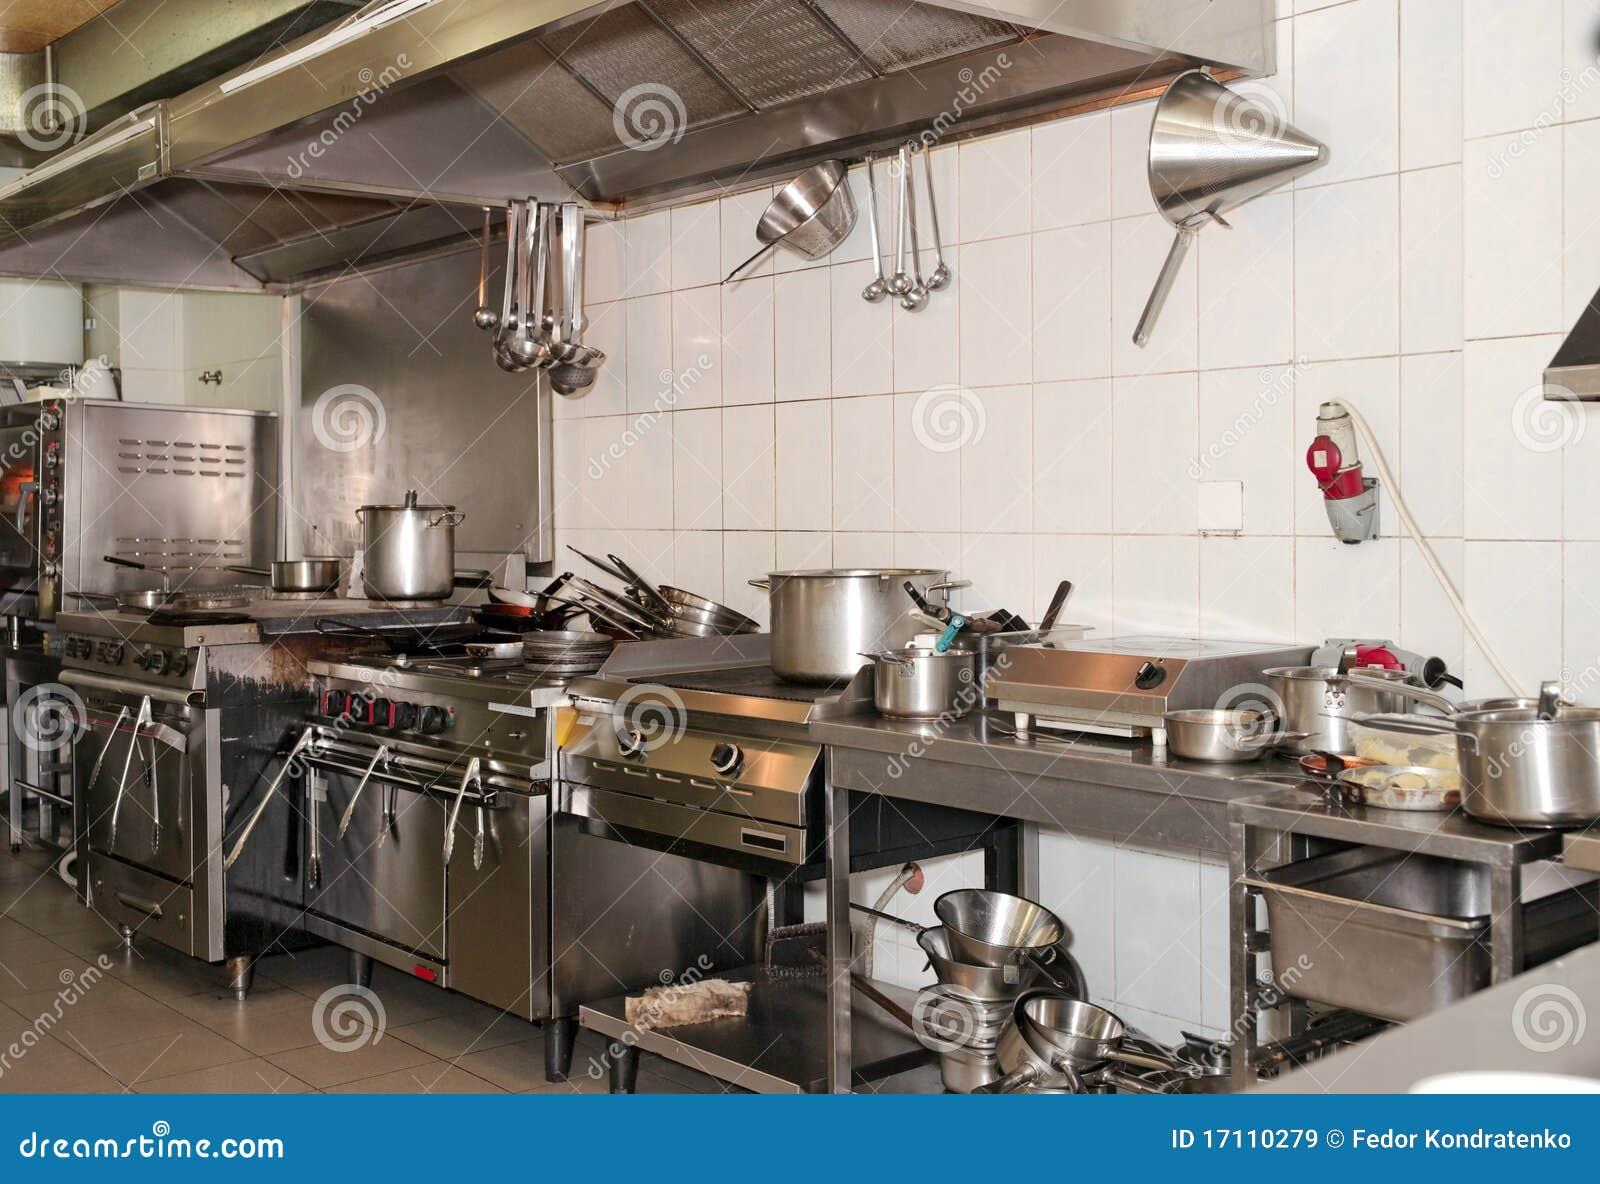 Cozinha Típica De Um Restaurante Imagens de Stock Royalty Free  #88A724 1300 979